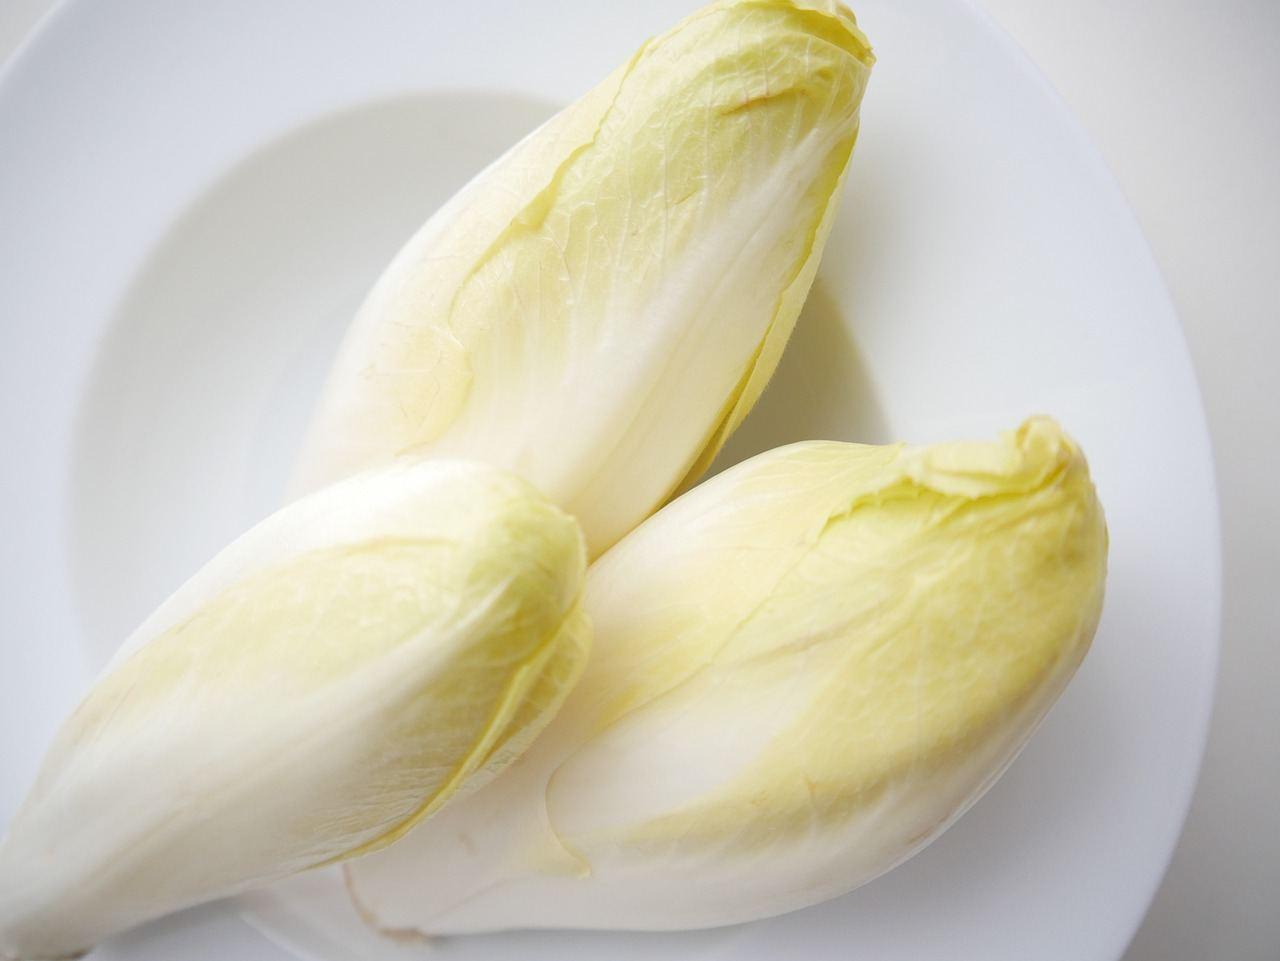 Chicorée auf einem weißen Teller